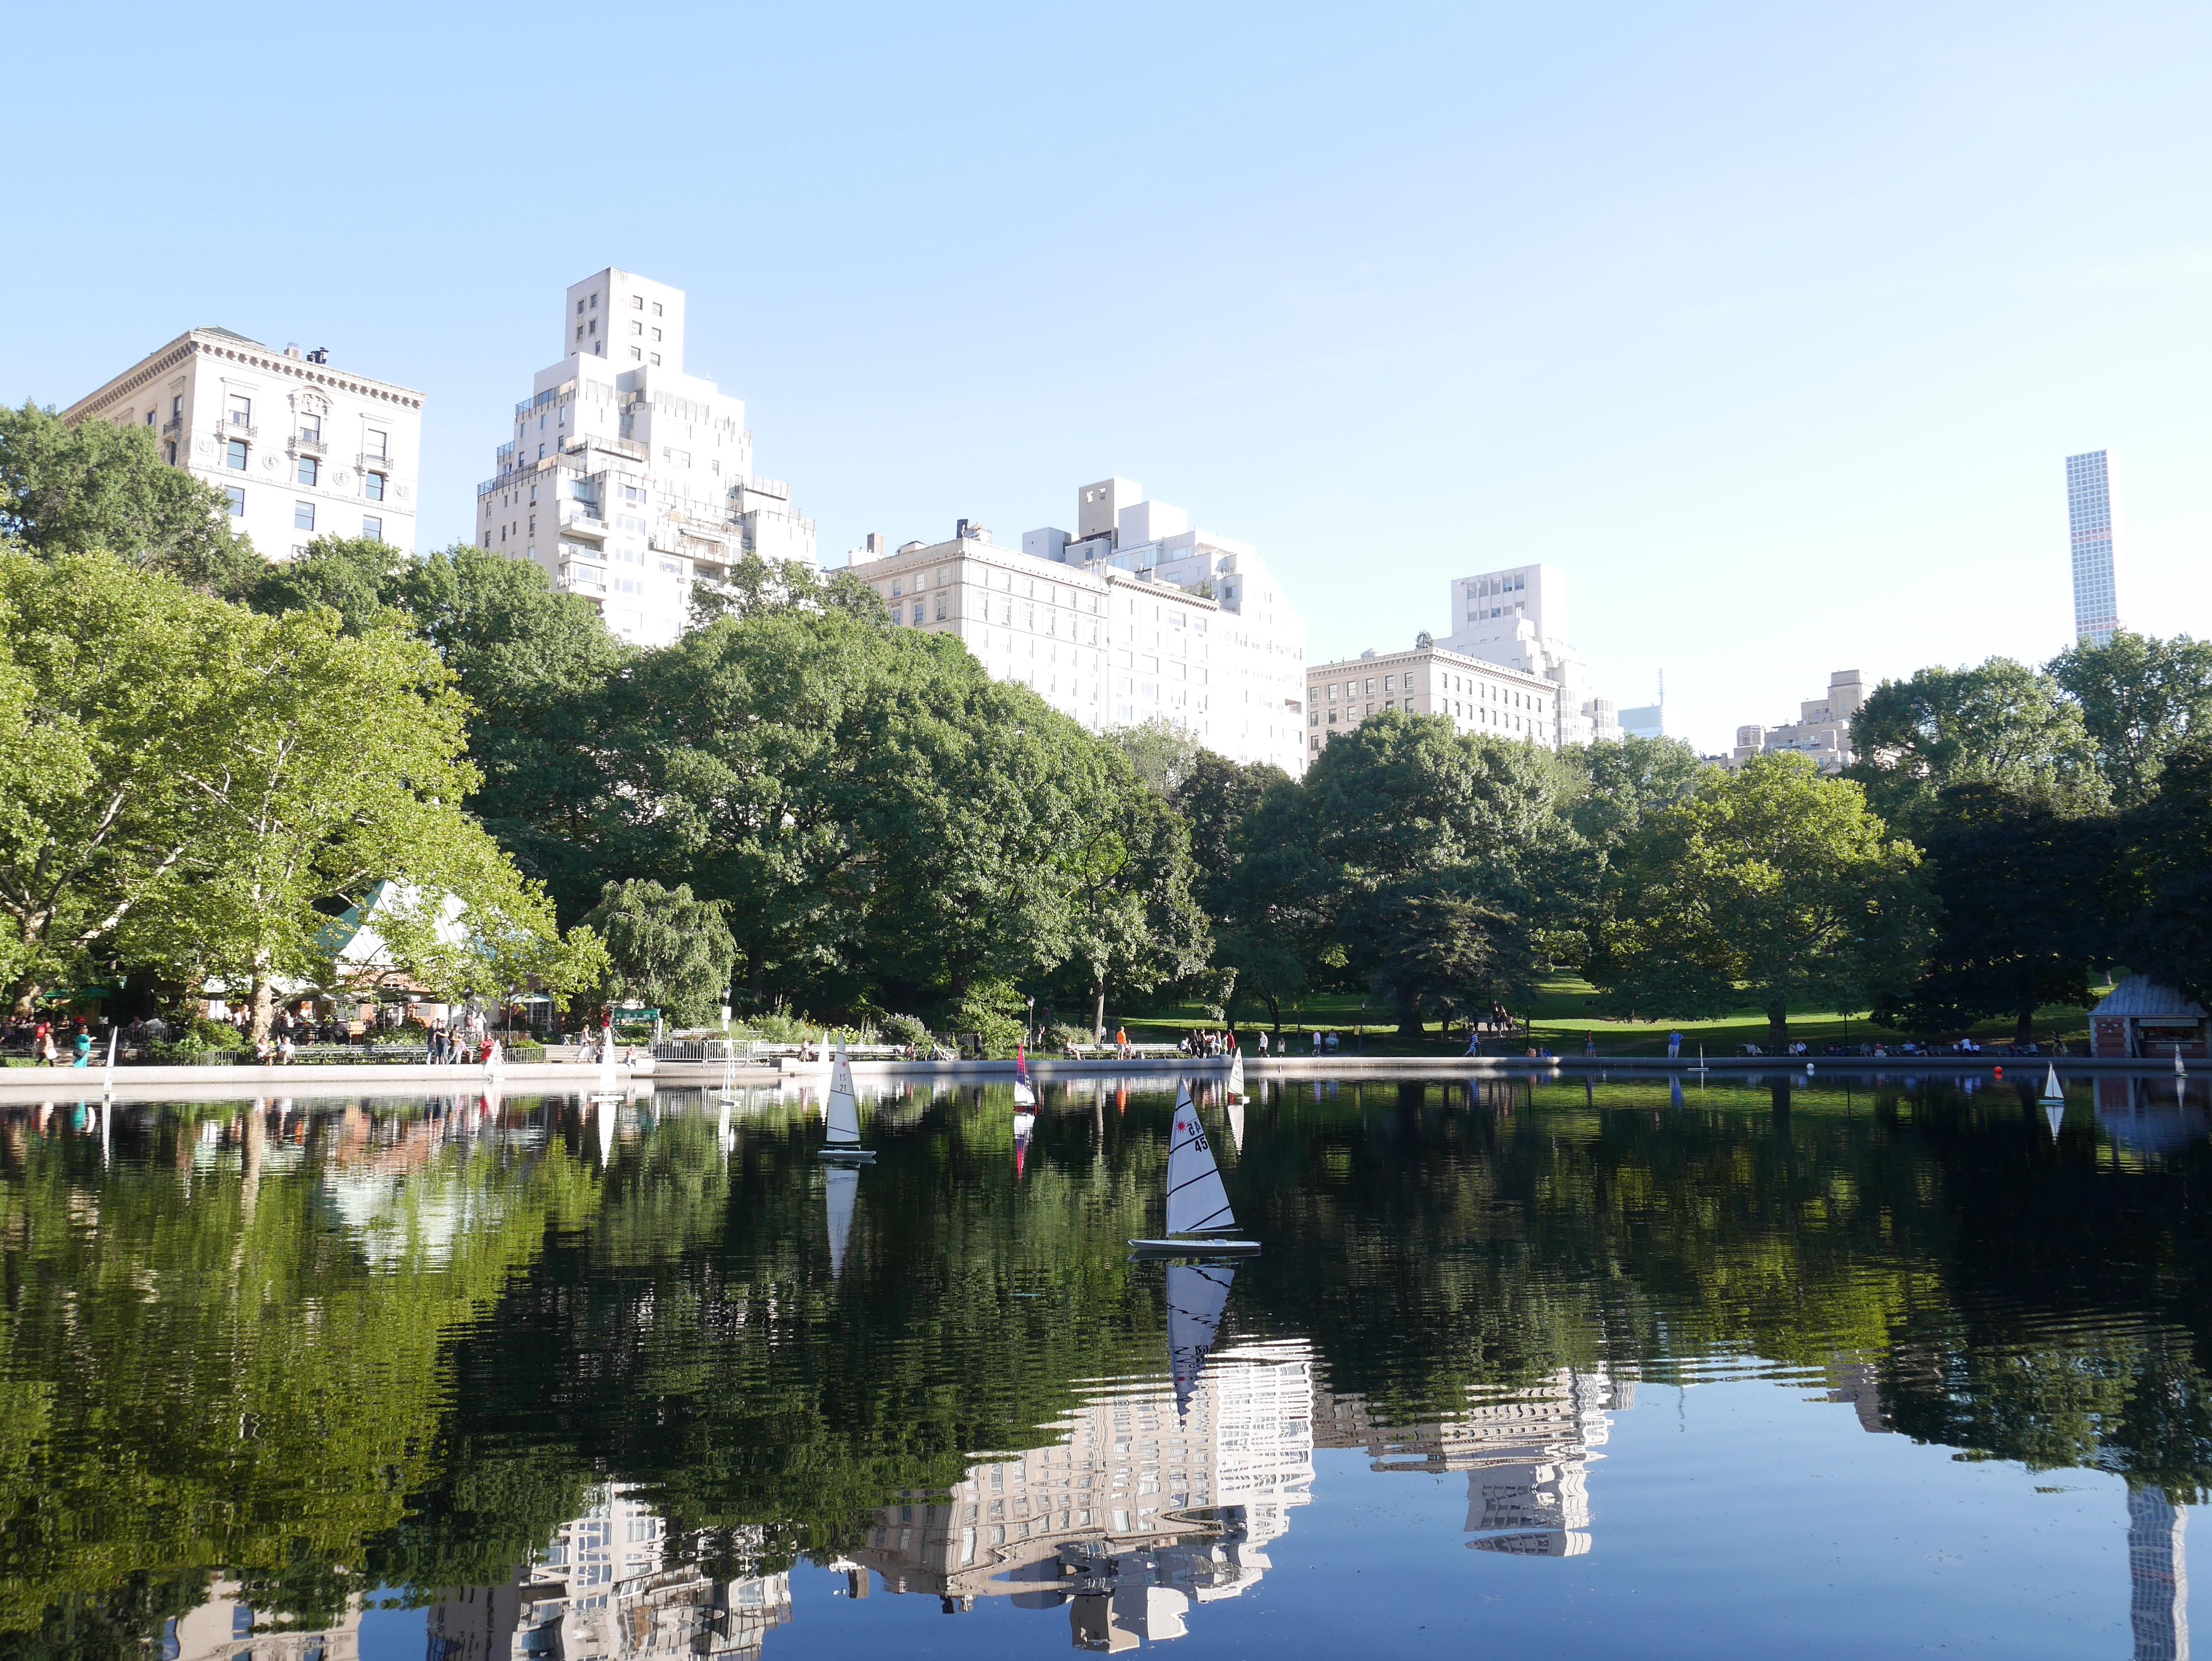 【動画】セントラルパーク~ニューヨーカーの心のオアシス!楽しみ方を紹介!